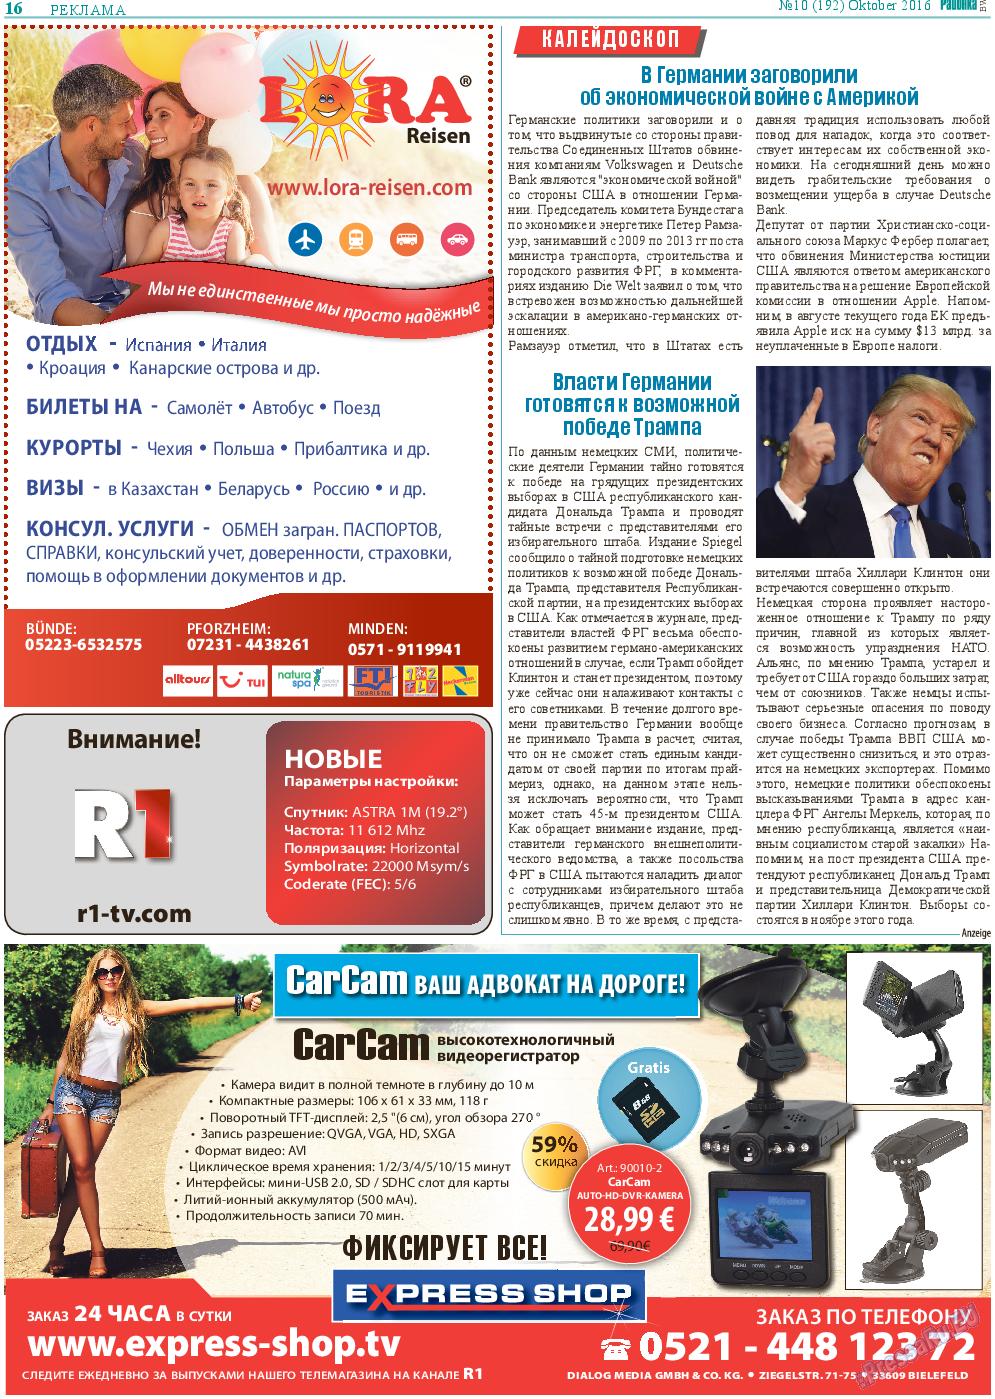 Районка-West (газета). 2016 год, номер 10, стр. 16